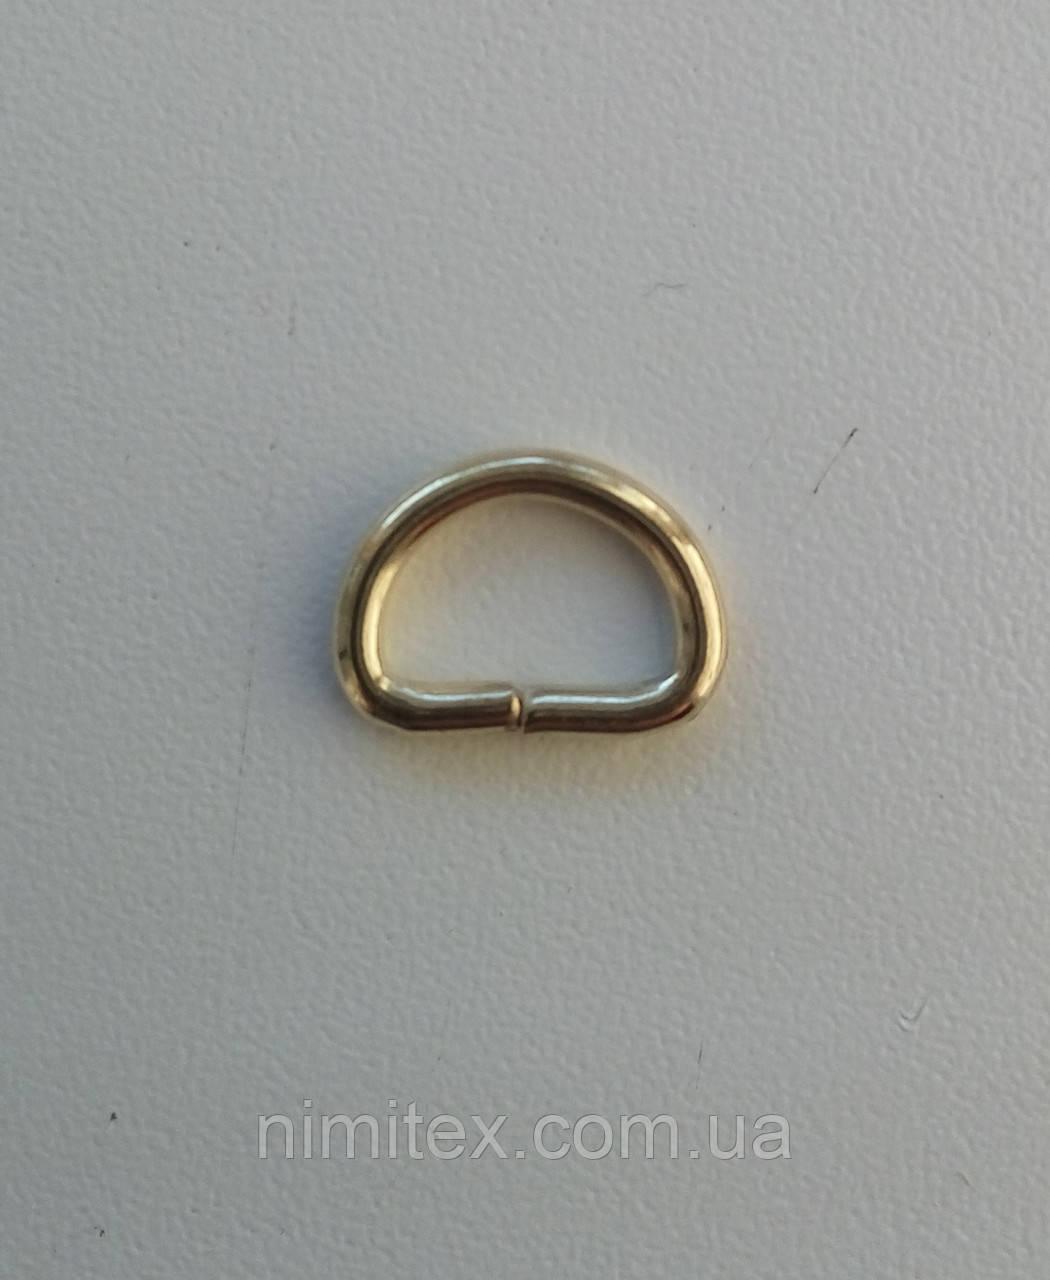 Полукольцо проволочное 10 мм золото